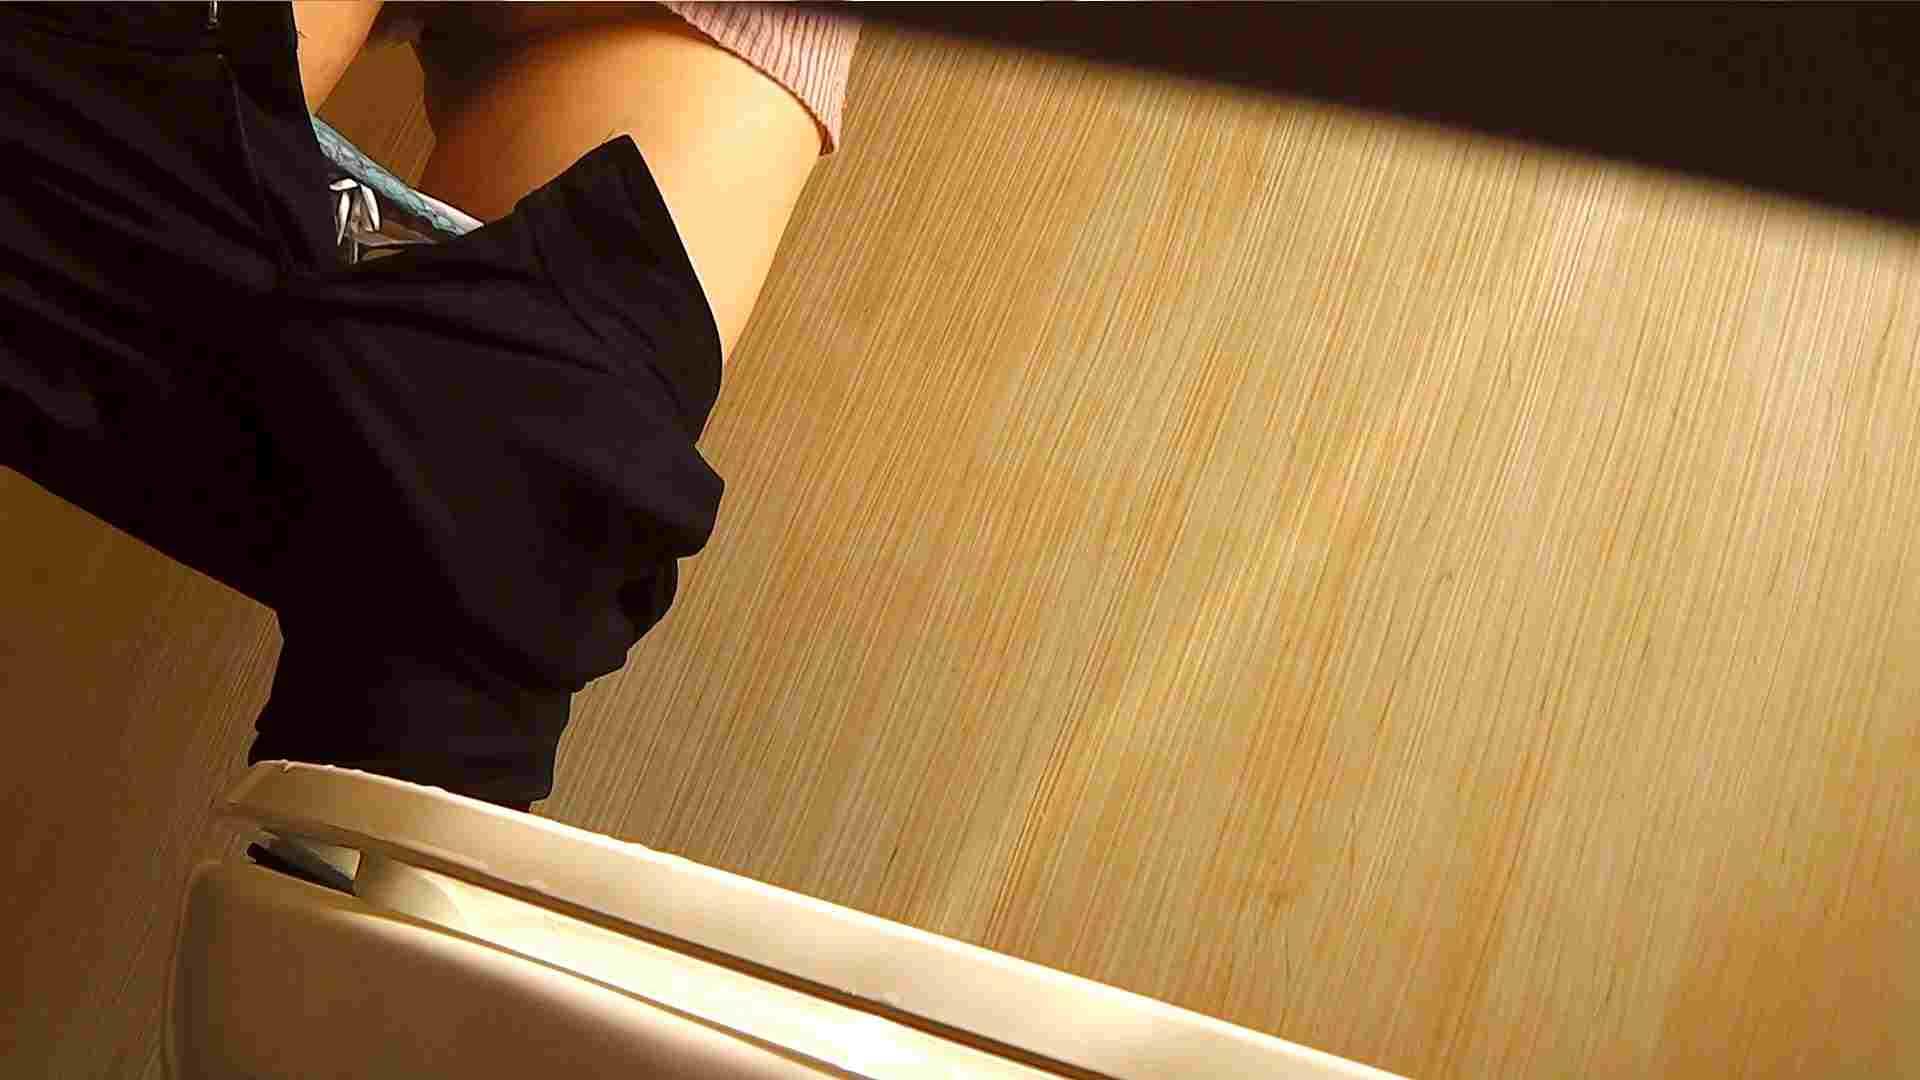 阿国ちゃんの「和式洋式七変化」No.1 洗面所  113pic 67